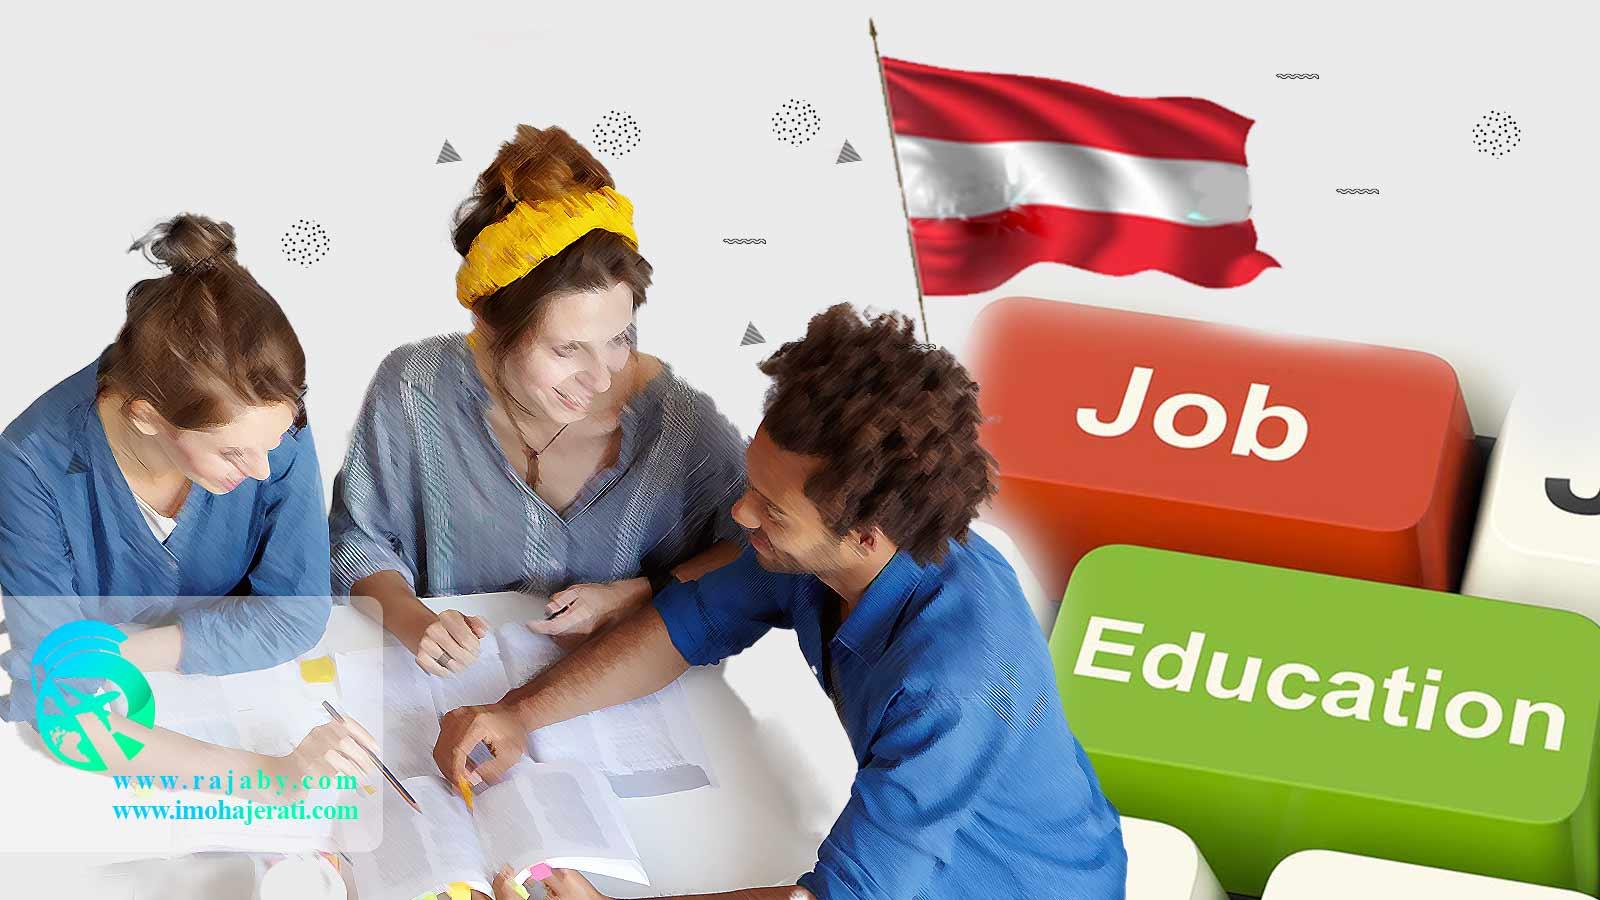 مجوز کار دانشجویی در اتریش